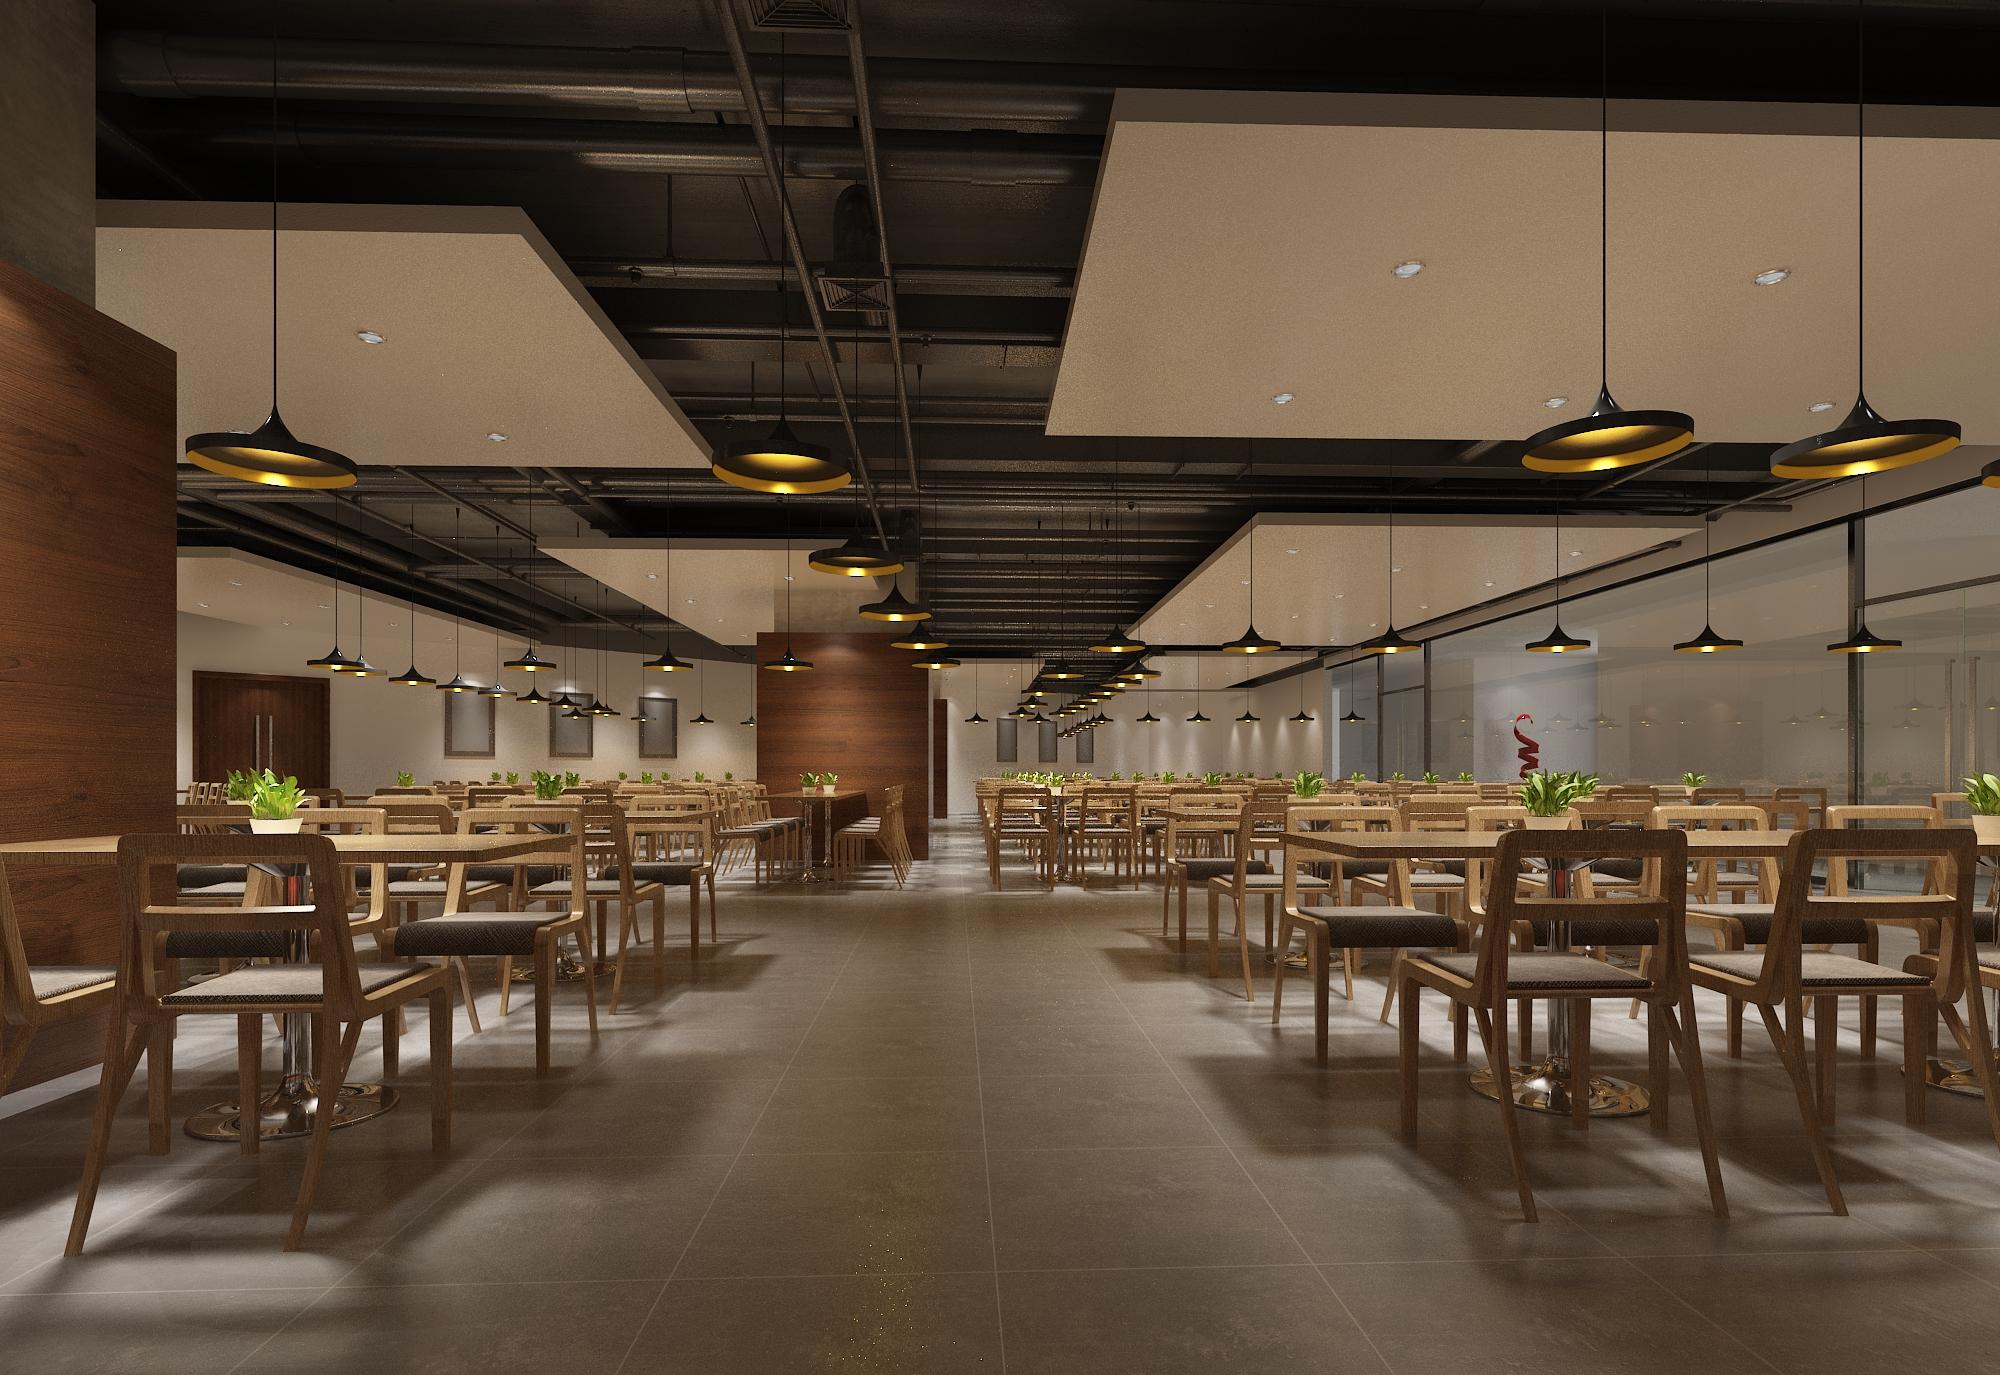 装修设计效果图施工图餐饮空间门头设计主题餐厅火锅店料理店制作